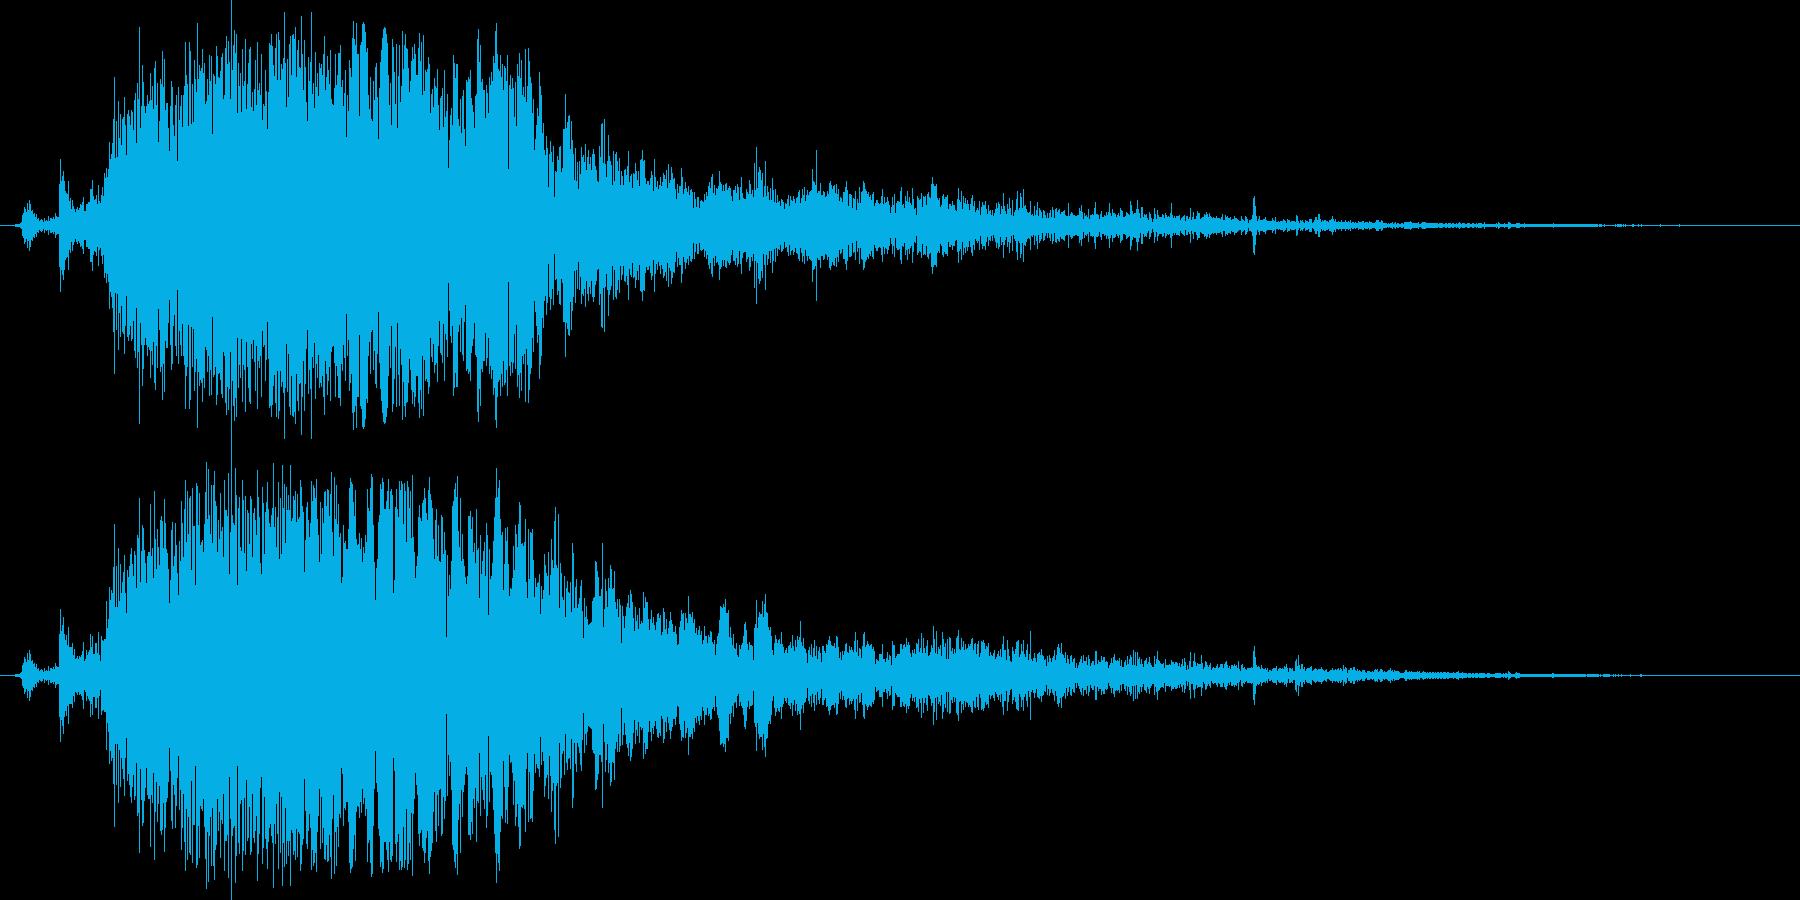 刀や剣の抜刀/斬撃のリアルな効果音10cの再生済みの波形